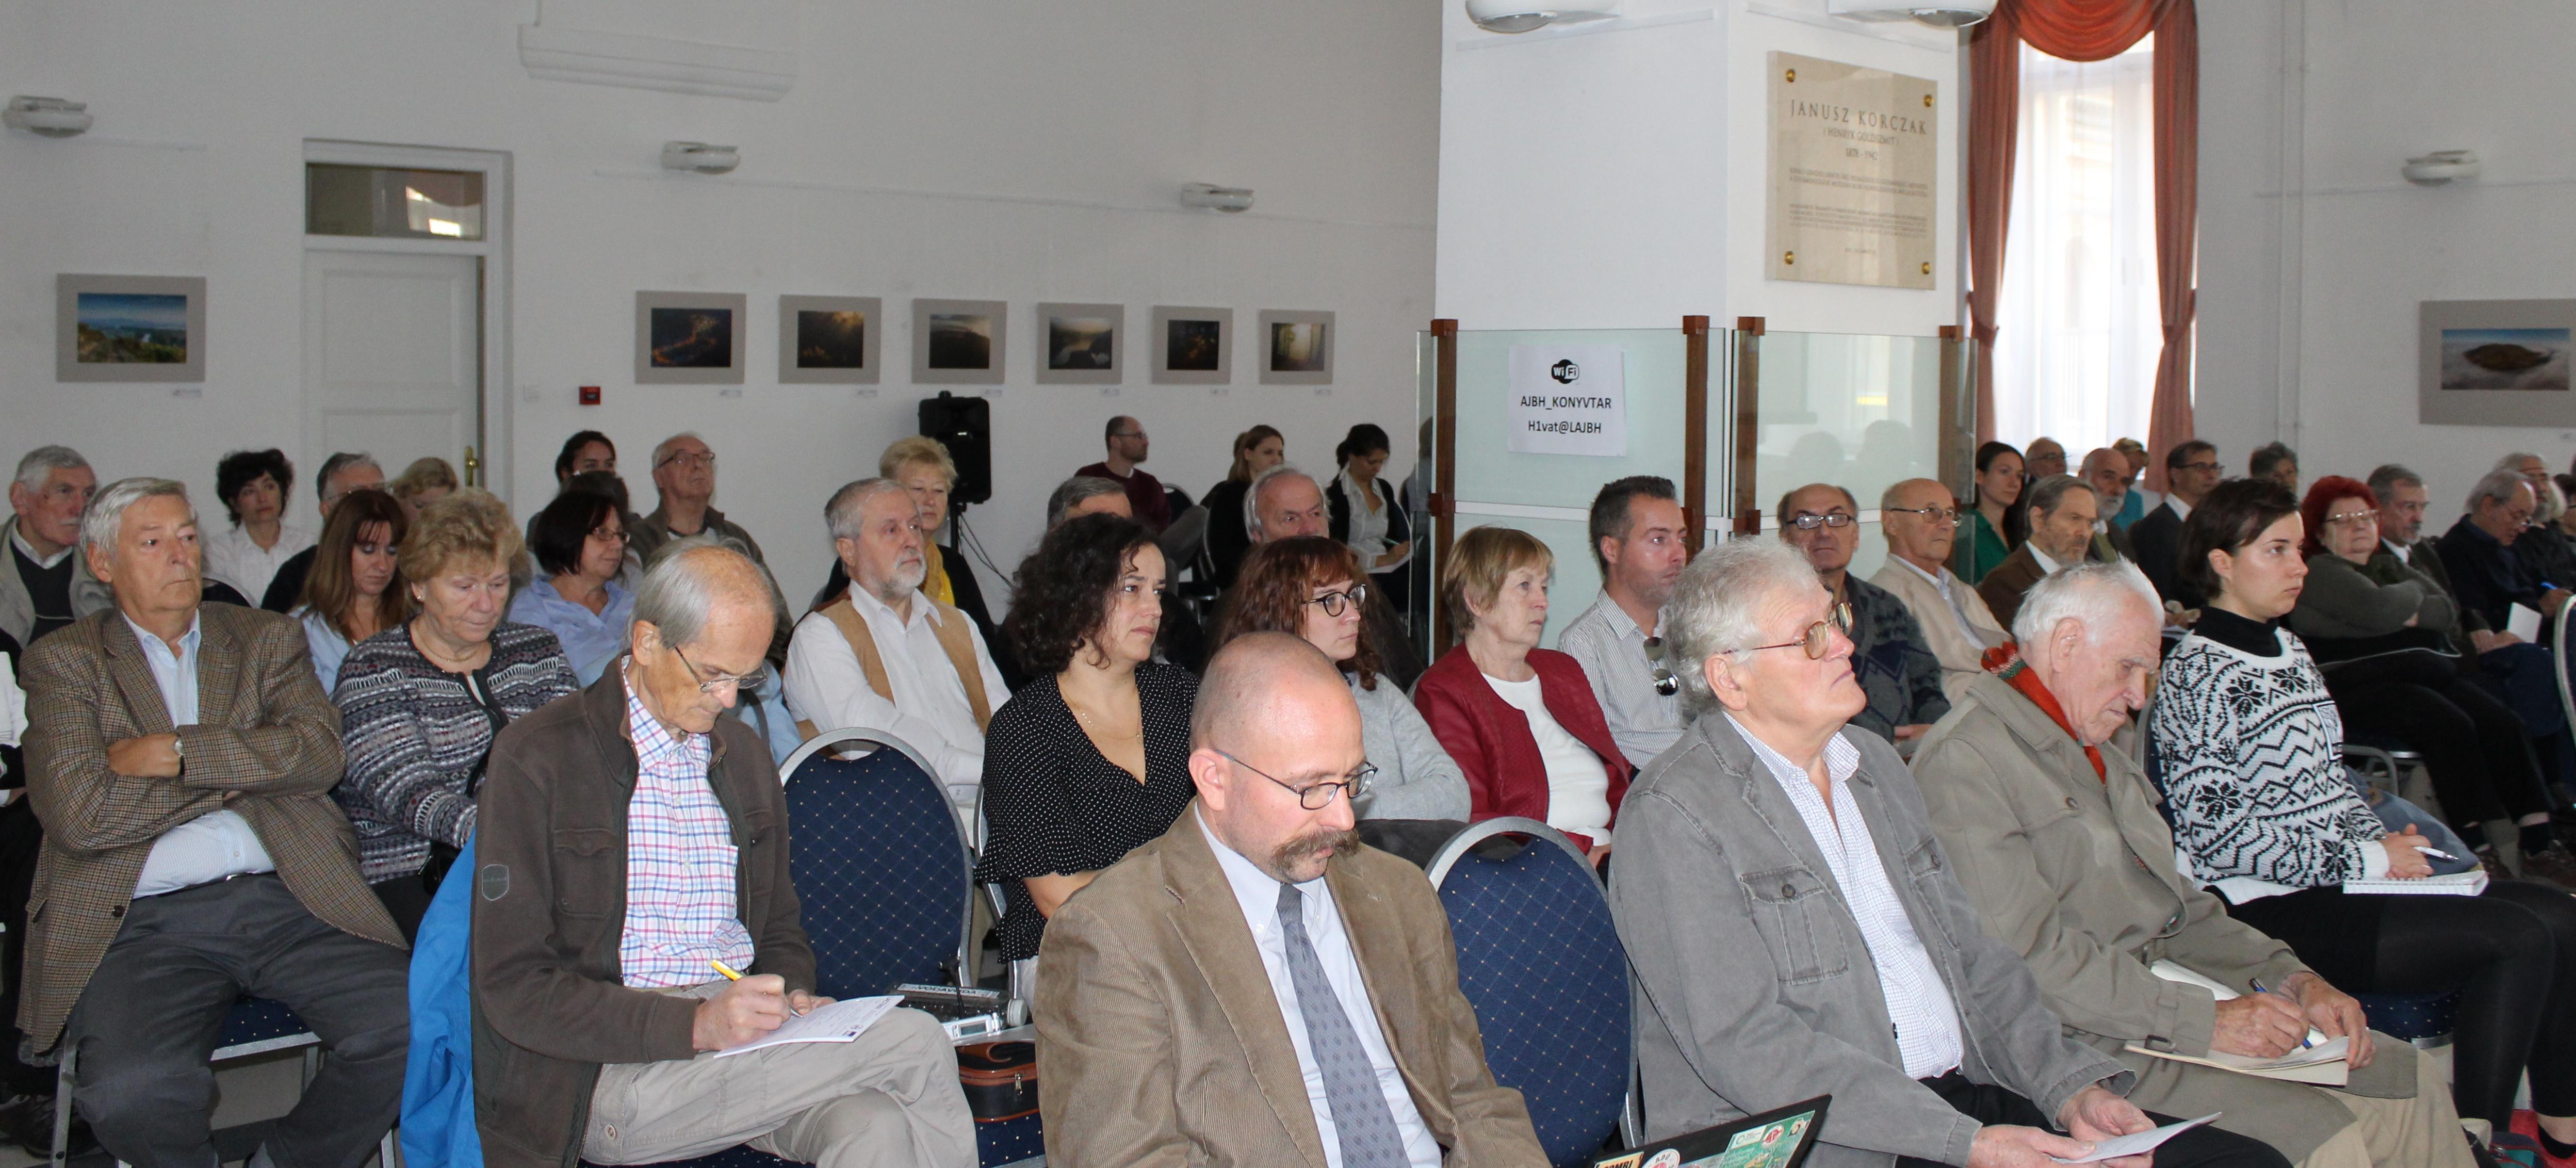 Elektronikai eszközeink környezeti és szociális hatásai, azok mérséklésének lehetőségei konferencia Budapesten